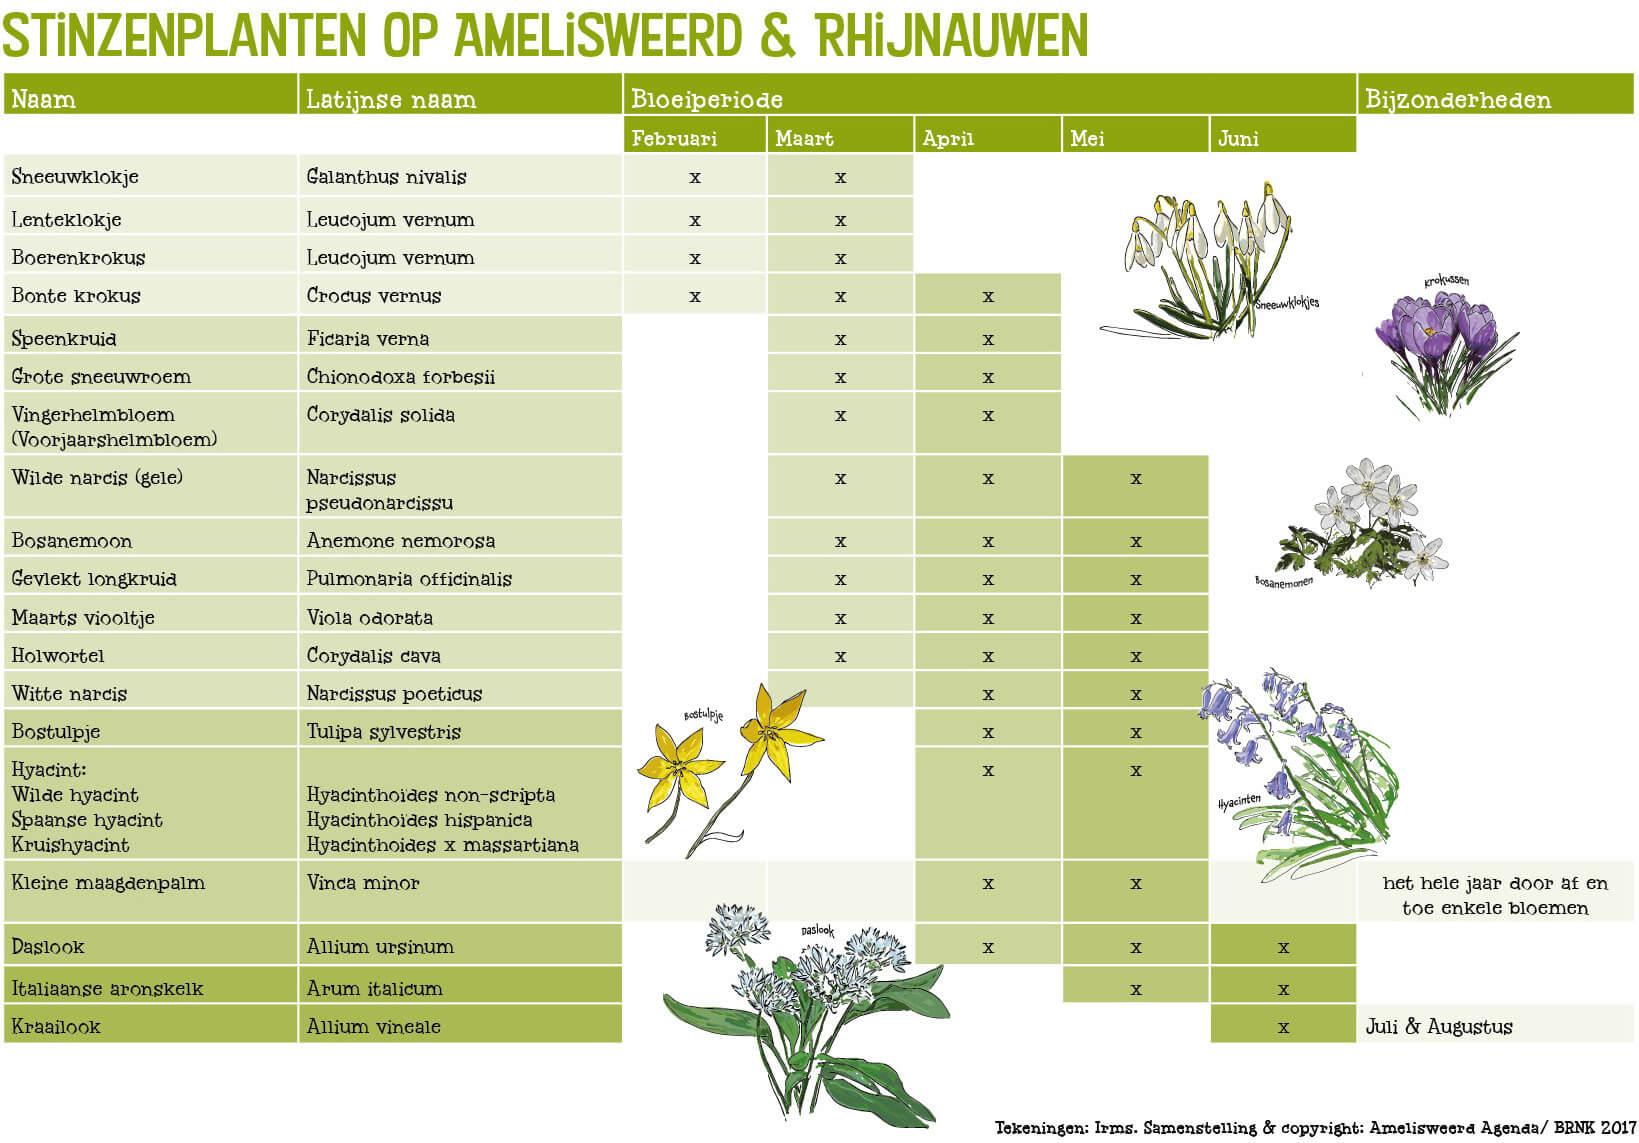 Stinzenplanten Amlisweerd Agenda